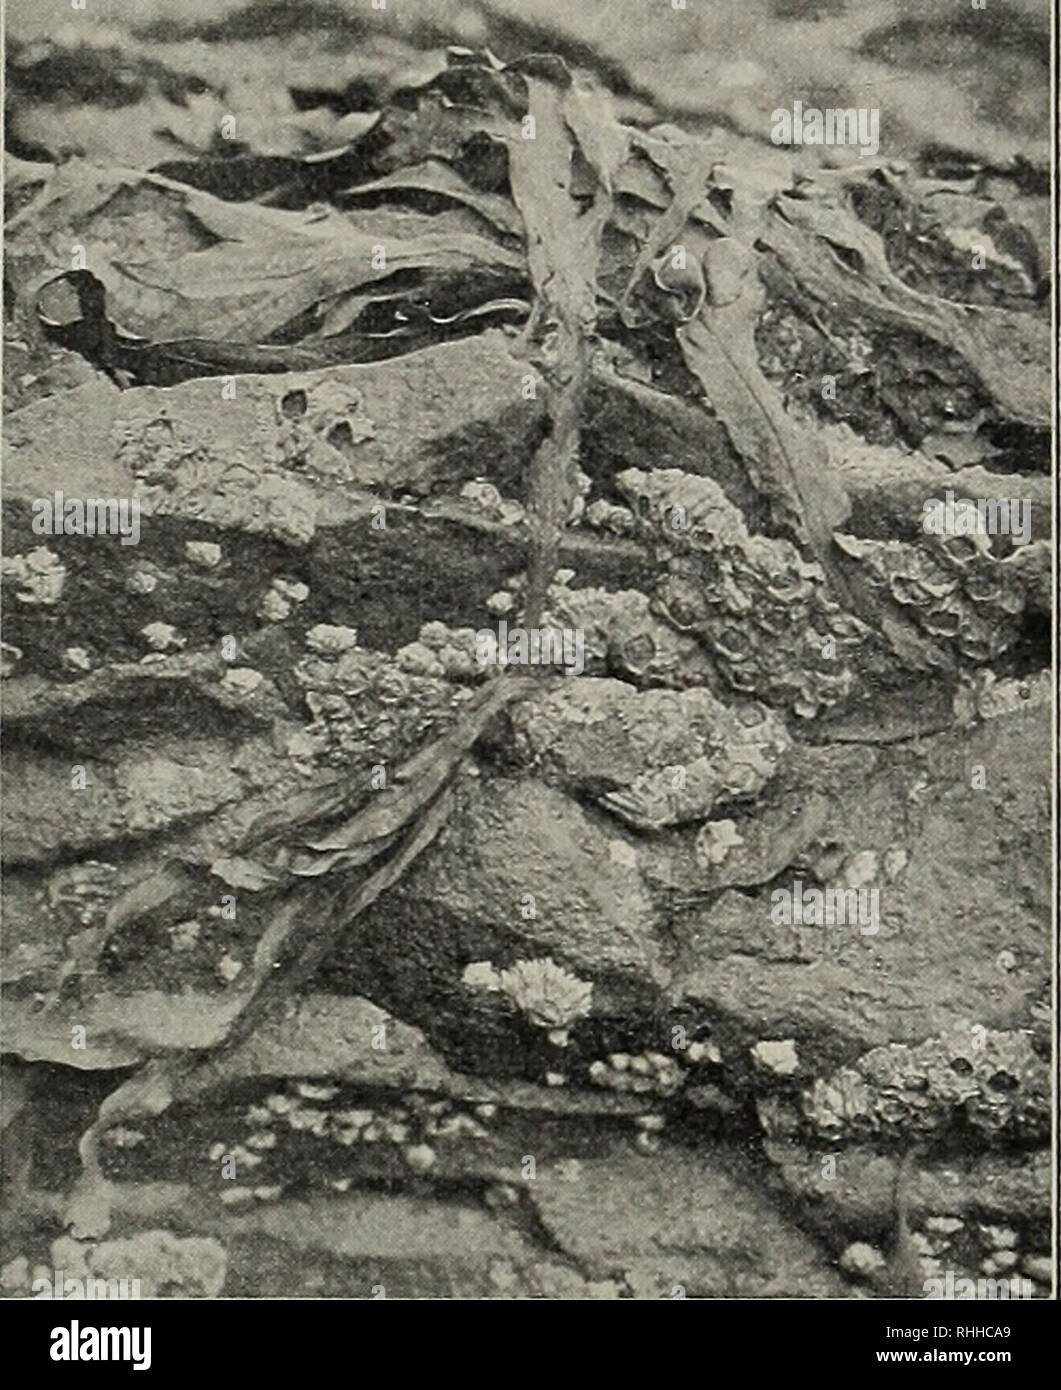 . Blätter für Aquarien- und Terrarien-Kunde. Dr. E. Bade: Süßwasser-Algen. geben sich mit biegsamen Umhüllungen, Röhren bewegung dienen. Sobald sie sich festgesetzt oder dergl. Die Krebse entwickeln starke Kalk- massen in ihrem Panzer, so daß sie es wohl ver- tragen können, gelegentlich von den Wellen hin- und hergerollt zu werden. Ebenso zeichnen sich die Muscheln und Schnecken durch besonders kräftige dicke Schalen aus. Andere Tiere haben haben, sind solche Schwimmorgane für sie wertlos, die Beine verkümmern aber bei ihnen nicht, wie es sonst wohl iu ähnlichen Fällen im Tierreiche geschieht, - Stock Image